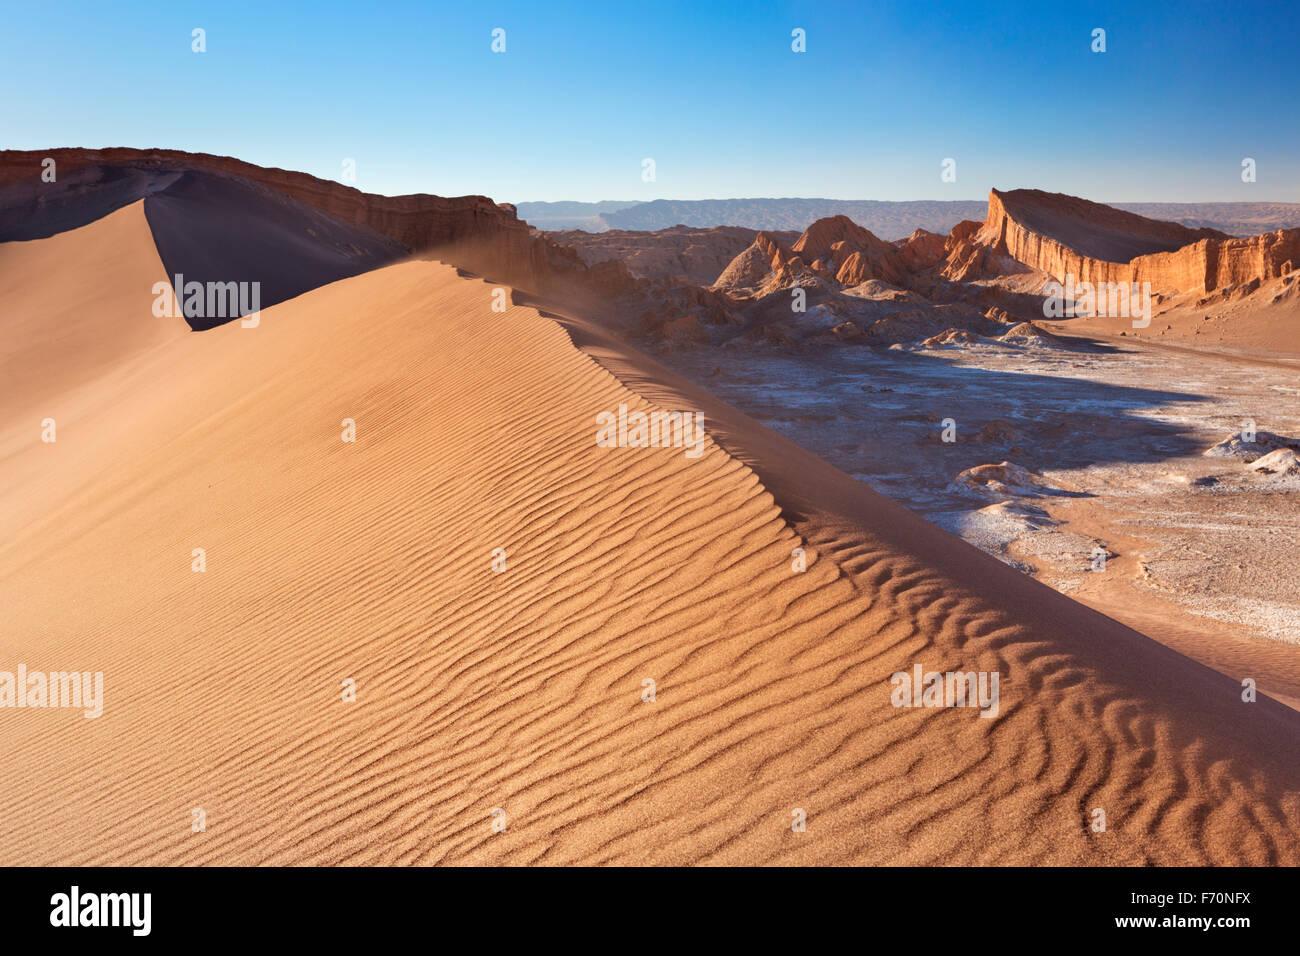 Una alta duna de arena y formaciones rocosas distantes. Fotografiado en el Valle de la Luna en el desierto de Atacama, Imagen De Stock